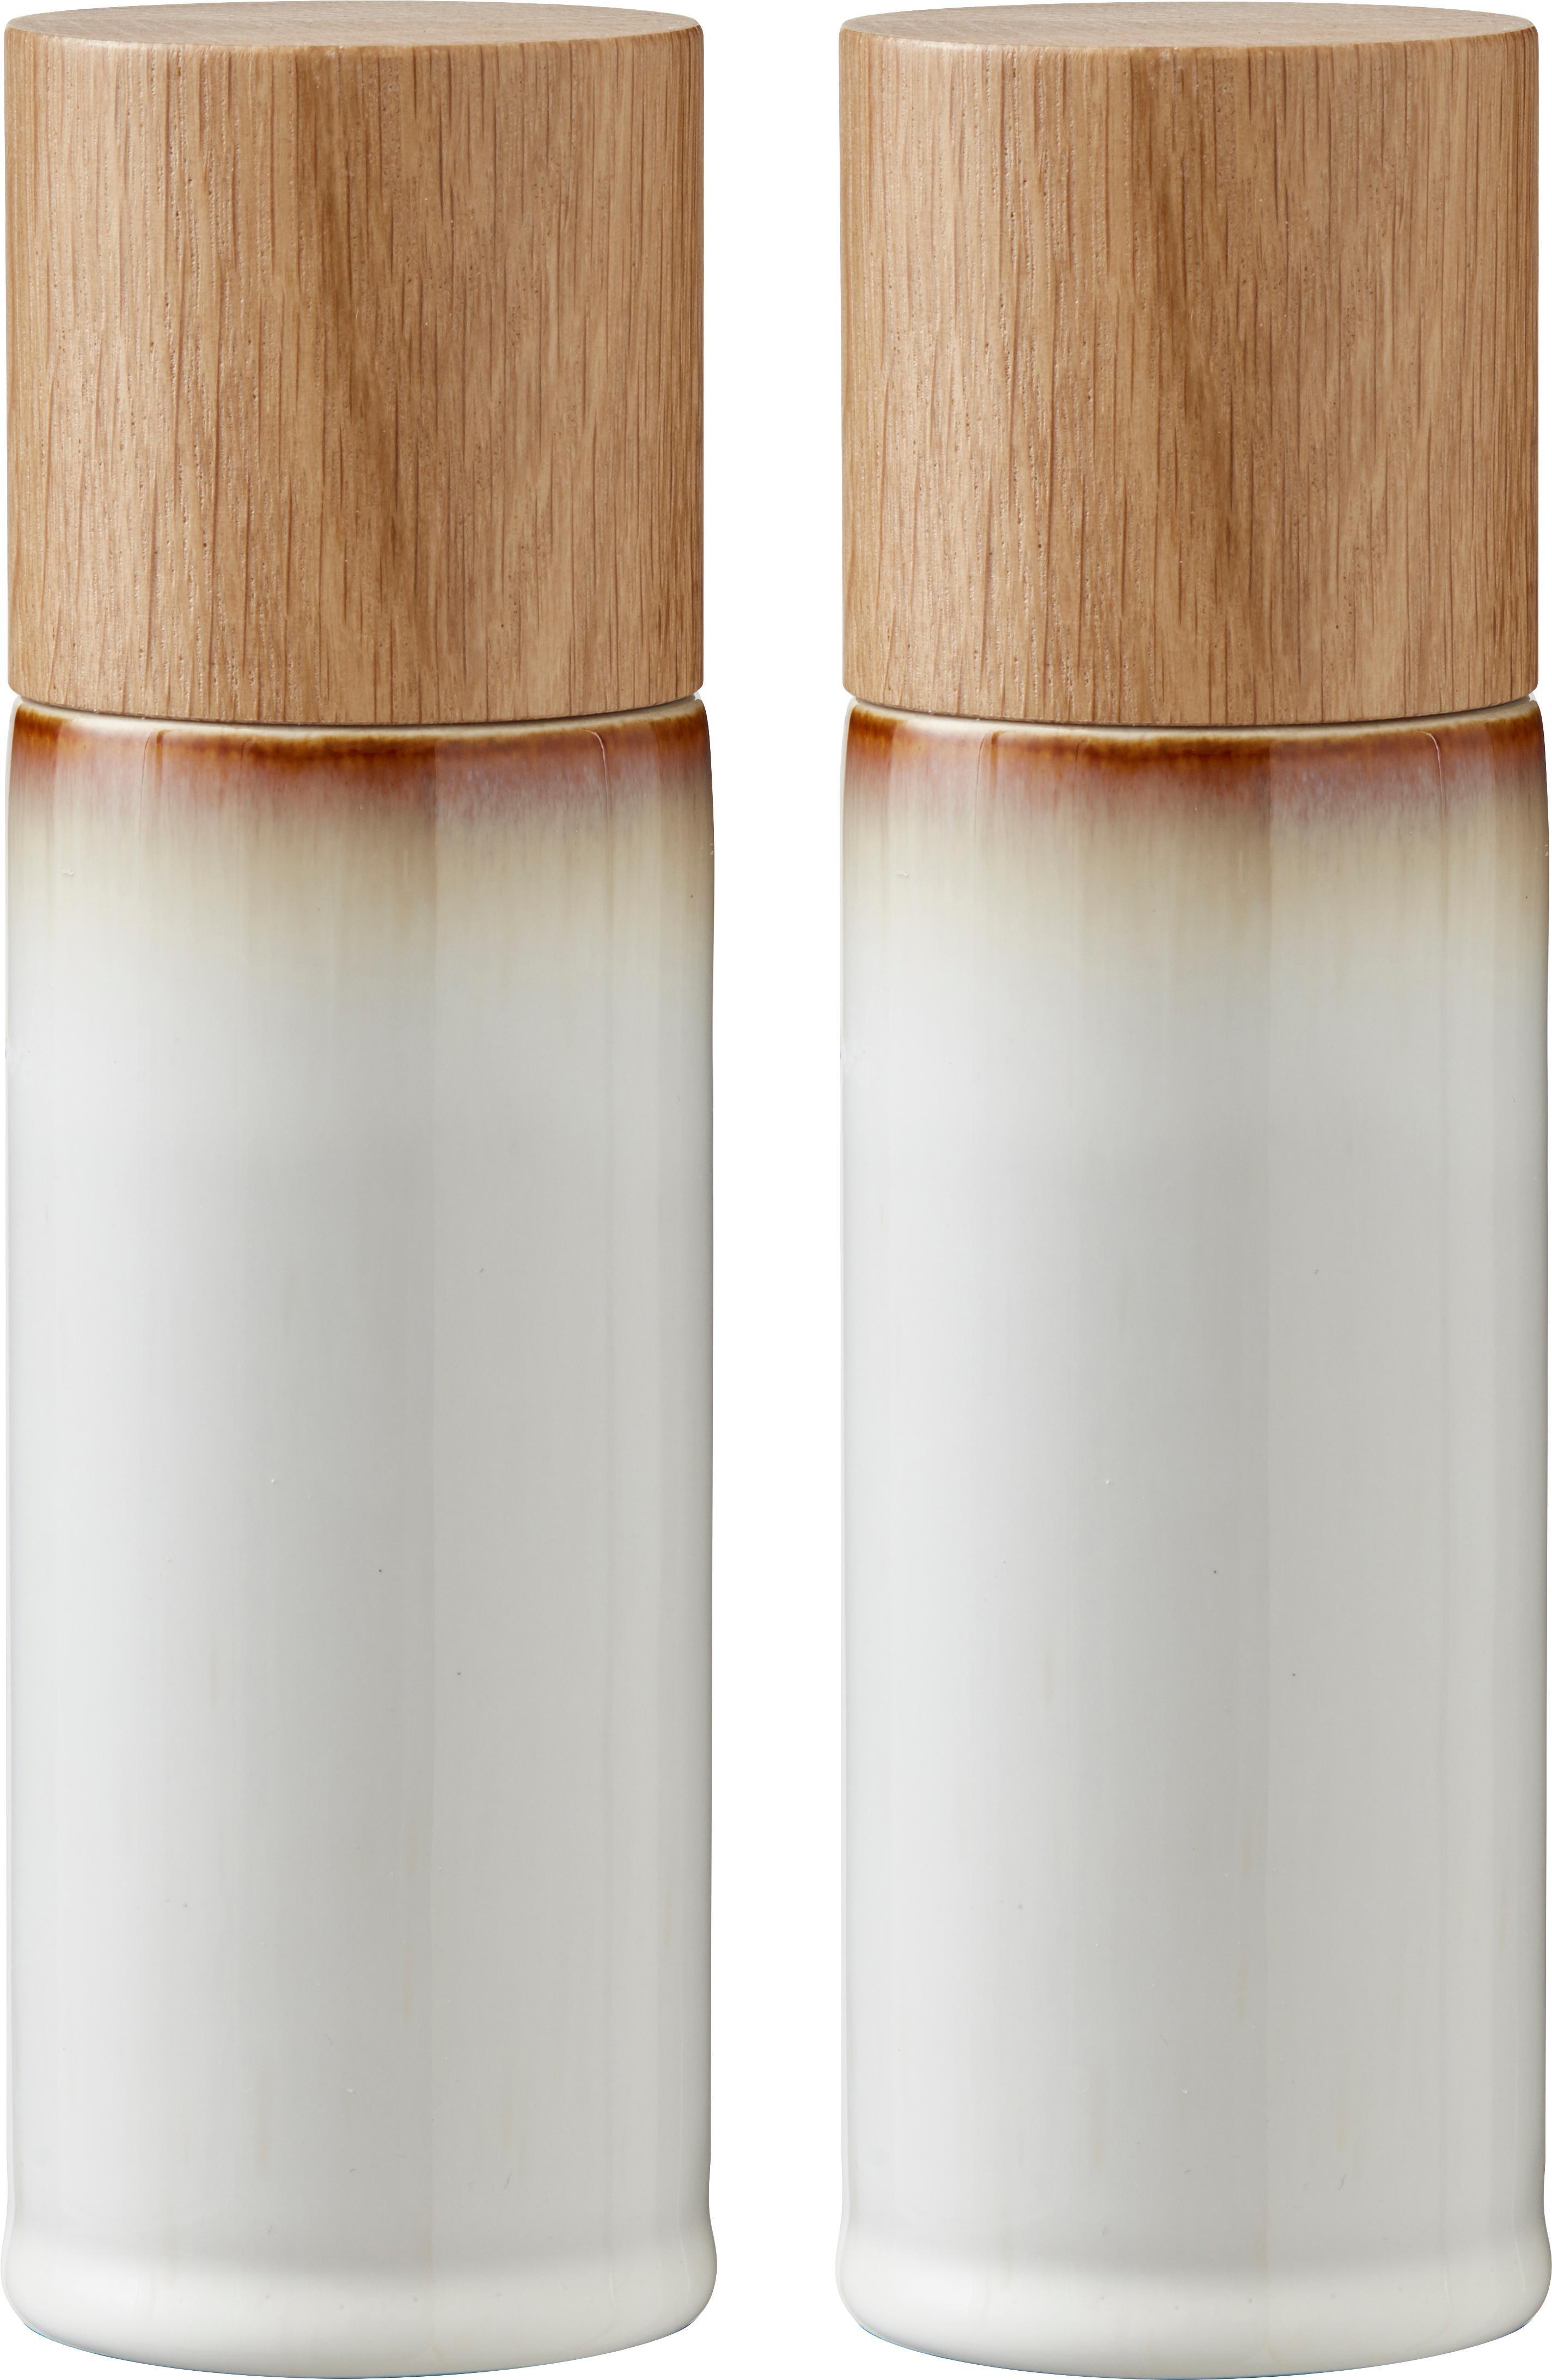 Zout- en peperstrooier Bizz, 2-delig, Deksel: hout, Crèmewit, bruin, hout, Ø 5 x H 17 cm